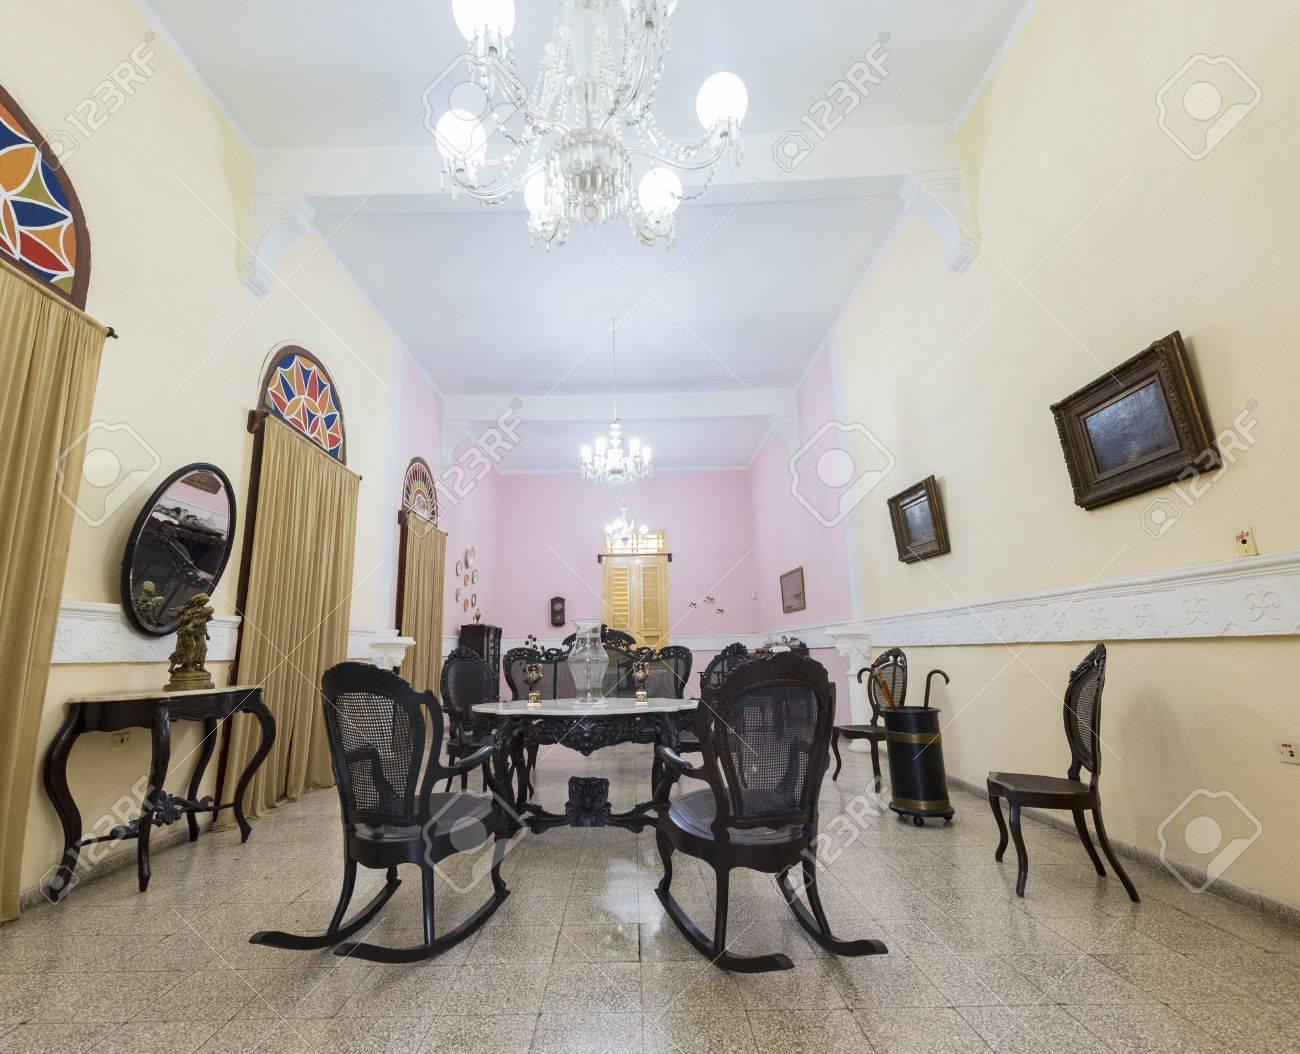 Spanische Koloniale Wohnzimmer Möbel Und Dekoration. Massive  Holzschaukelstühle, Typisch Für Kubanische Kultur. Standard